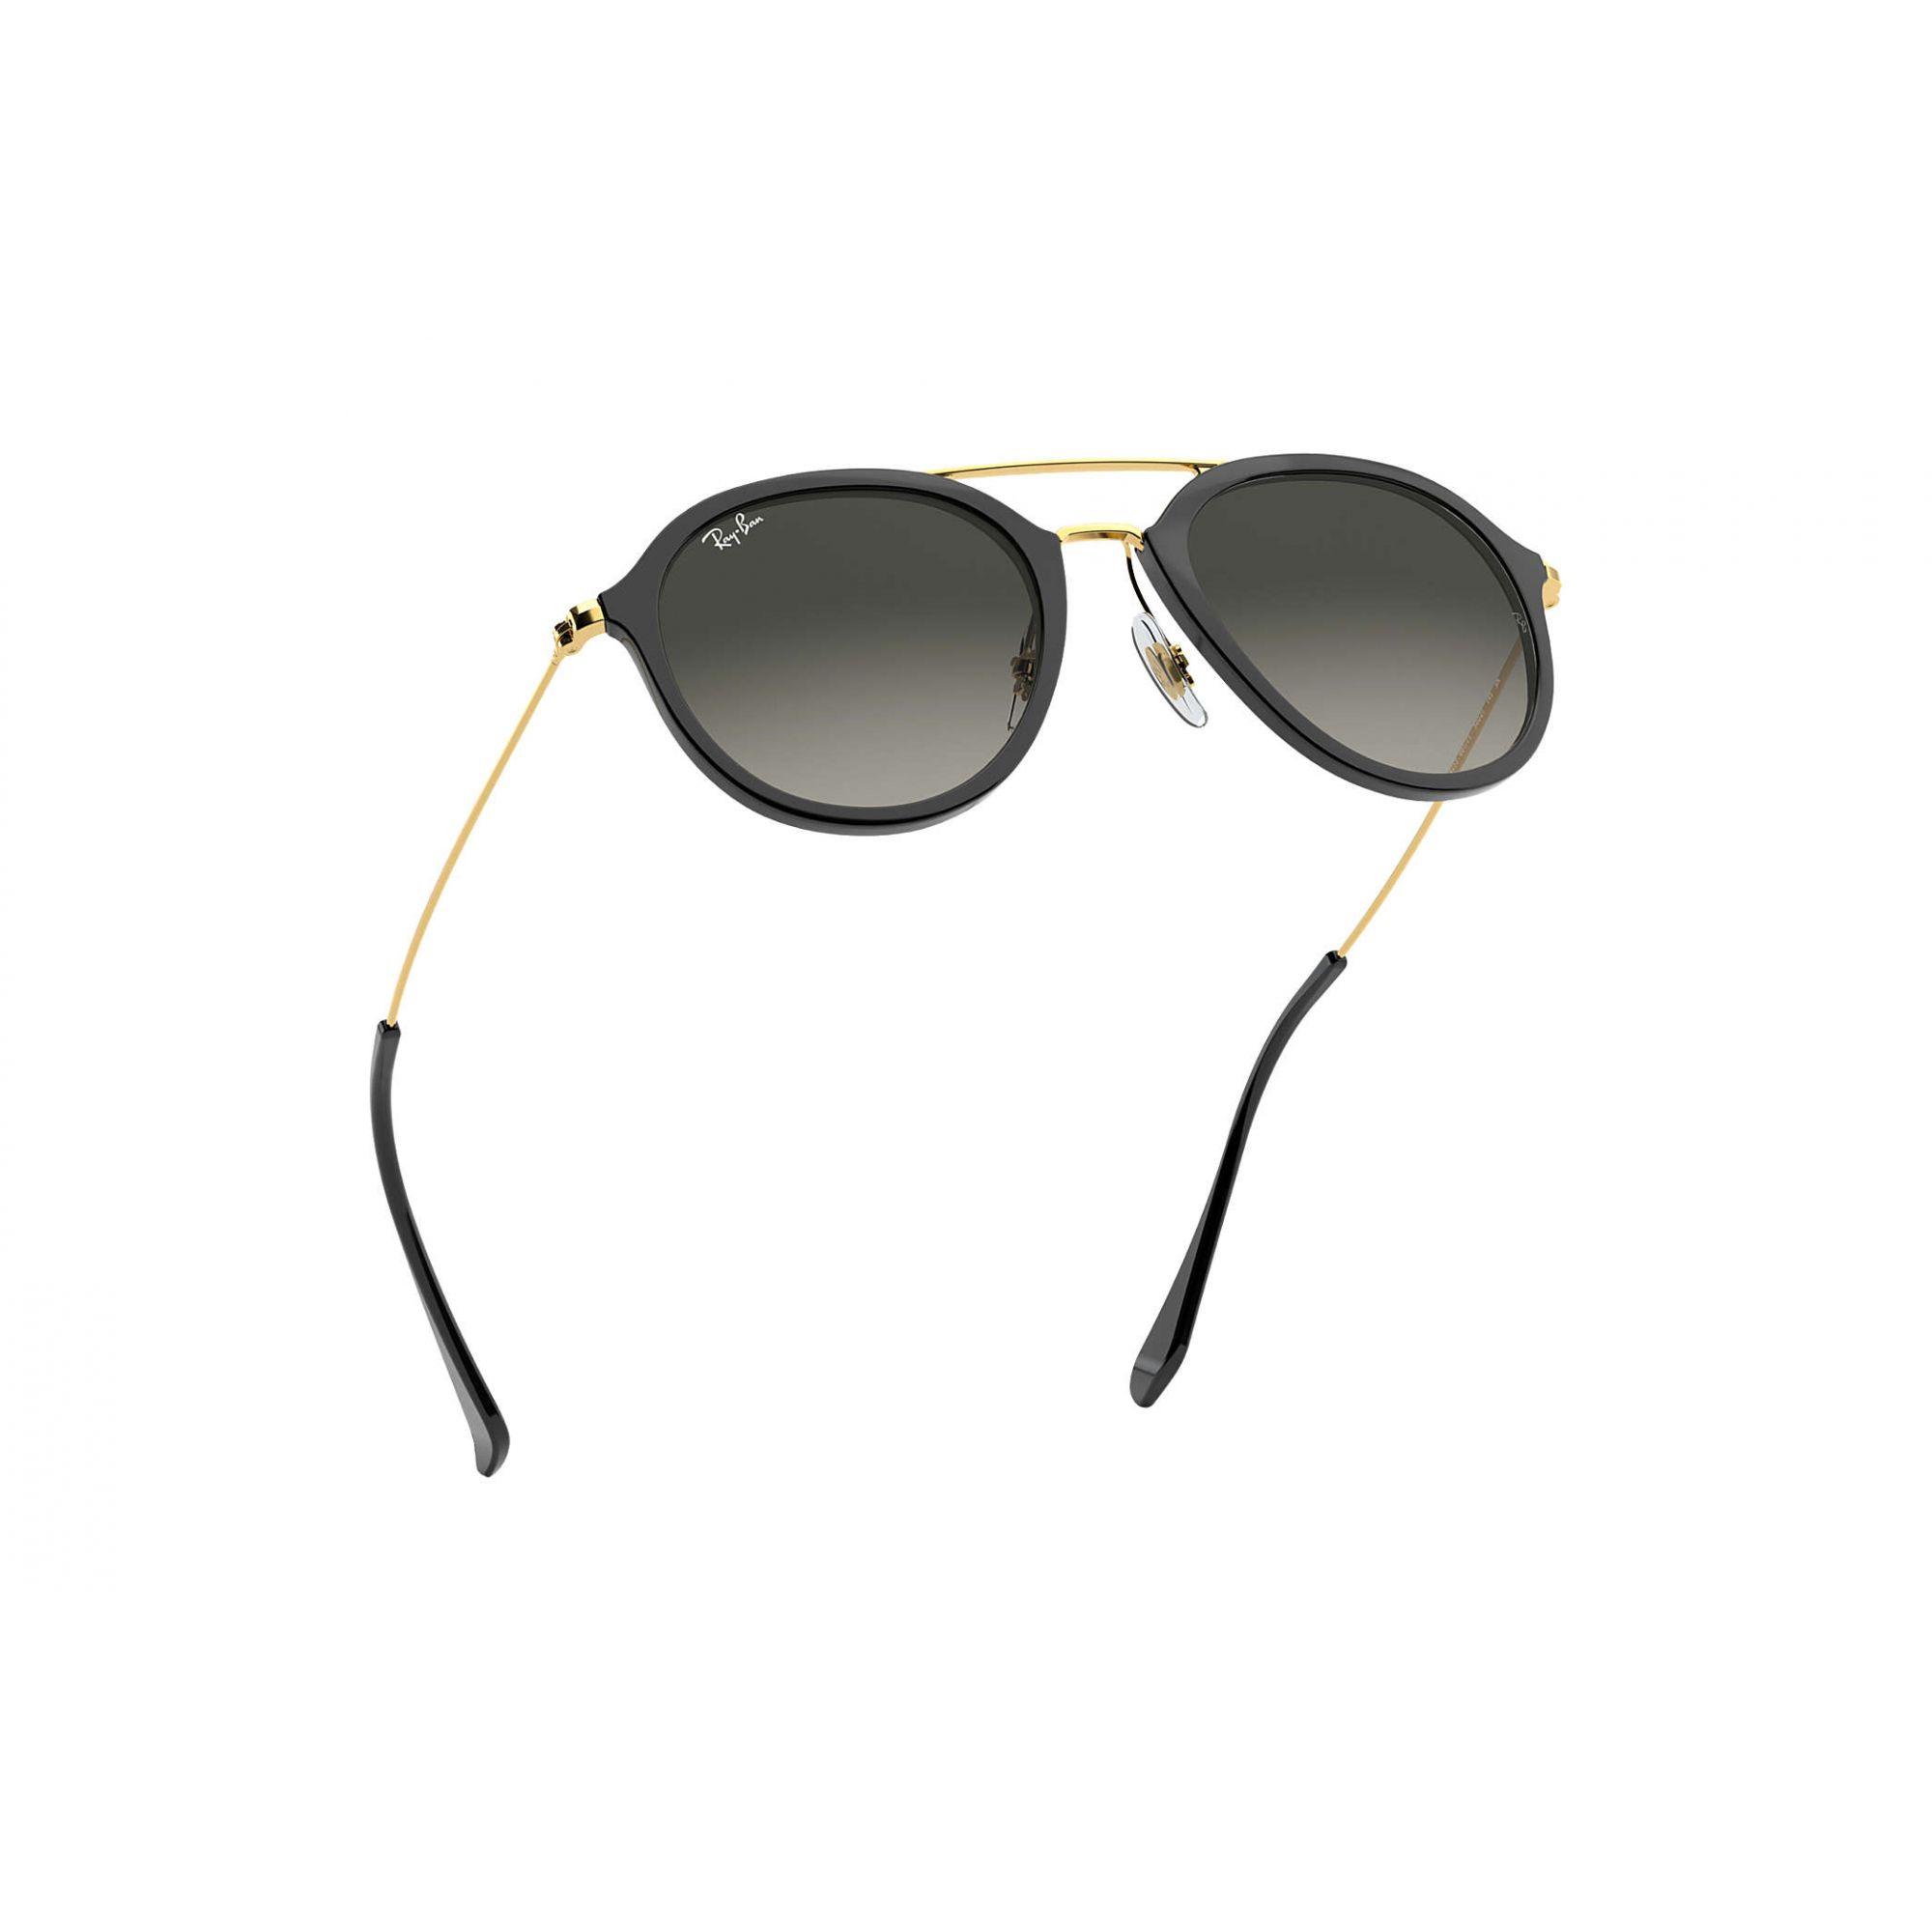 Ray Ban - RB4253 6017153 - Óculos de sol